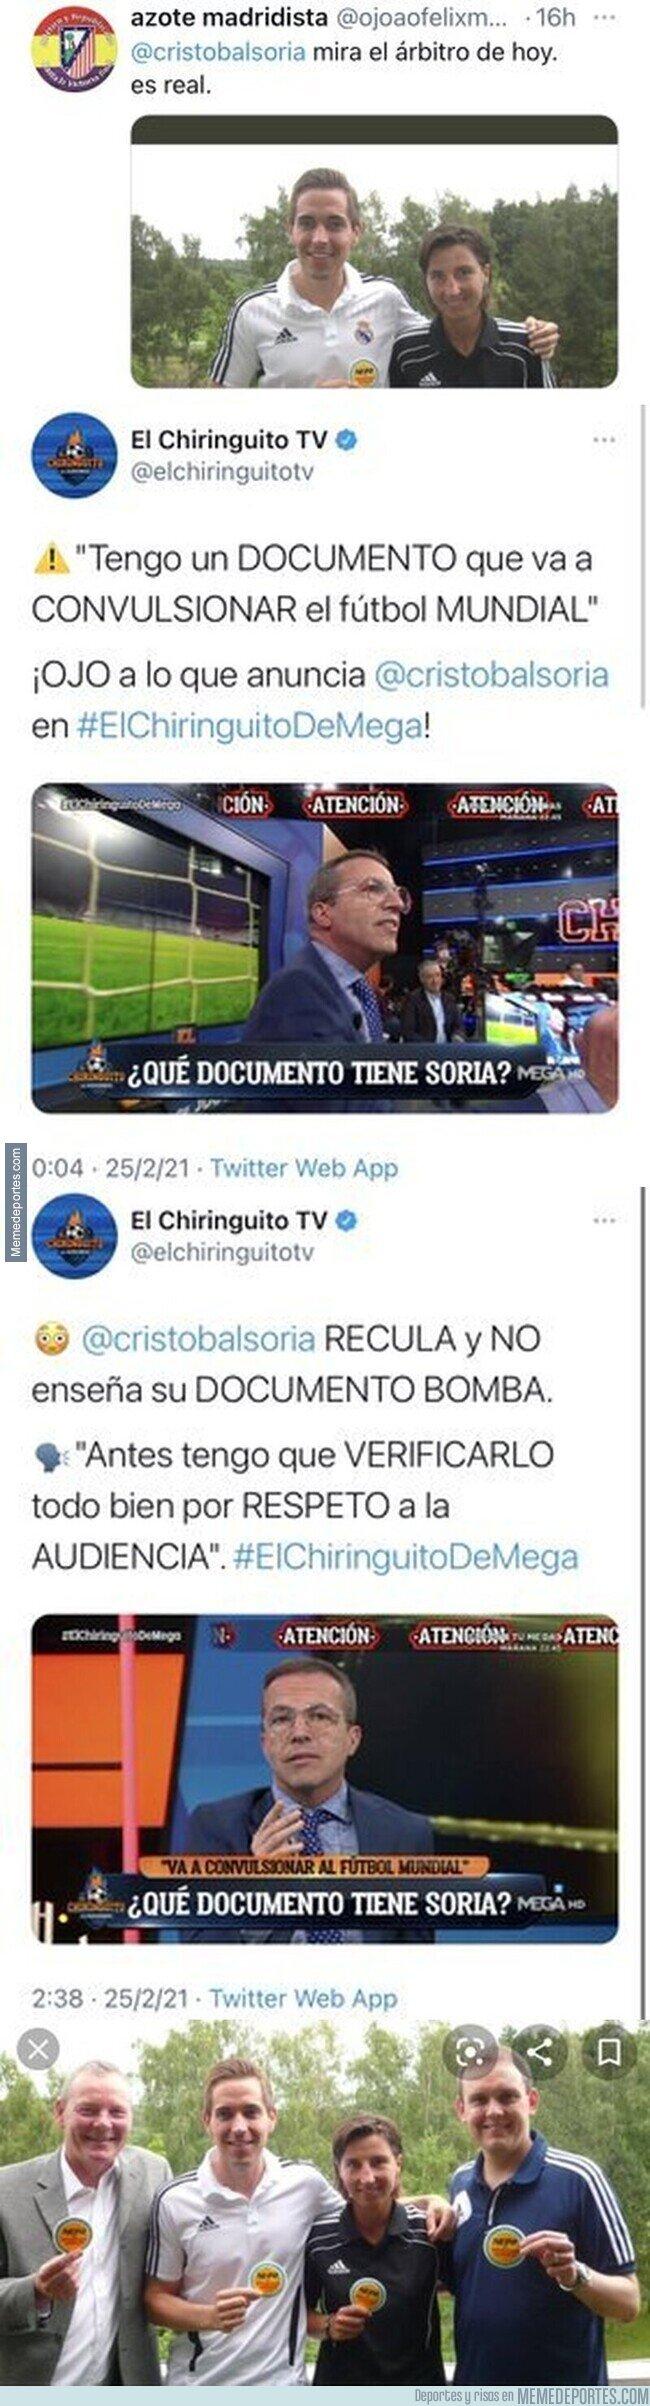 1128995 - Este es el nivel de Cristóbal Soria en El Chiringuito donde intentaba dejar mal al Real Madrid e hizo el ridículo